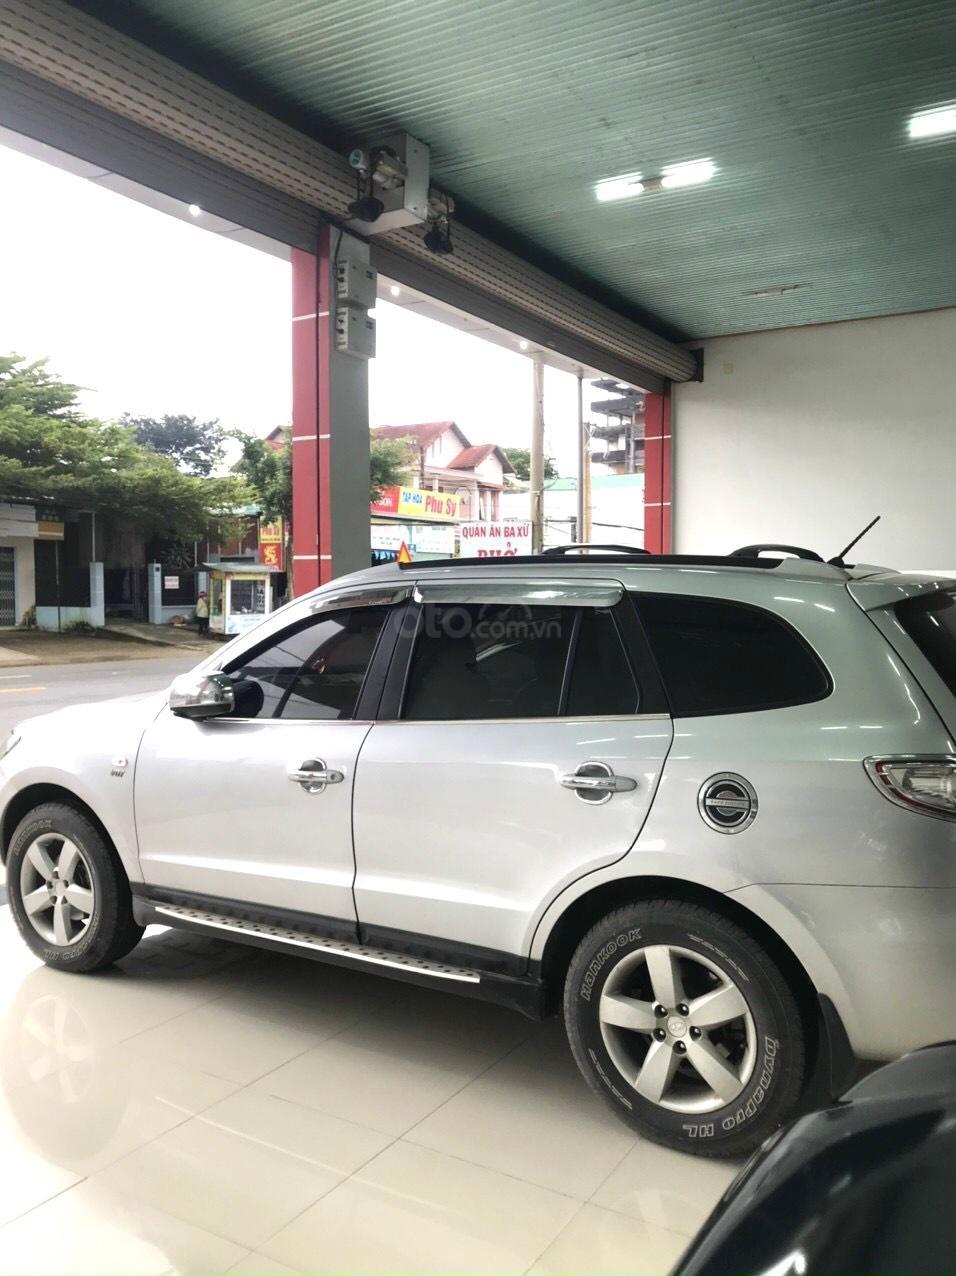 Bán Hyundai Santa Fe sản xuất 2008 giá thương lượng, giá ưu đãi cho khách có thiện chí mua (2)